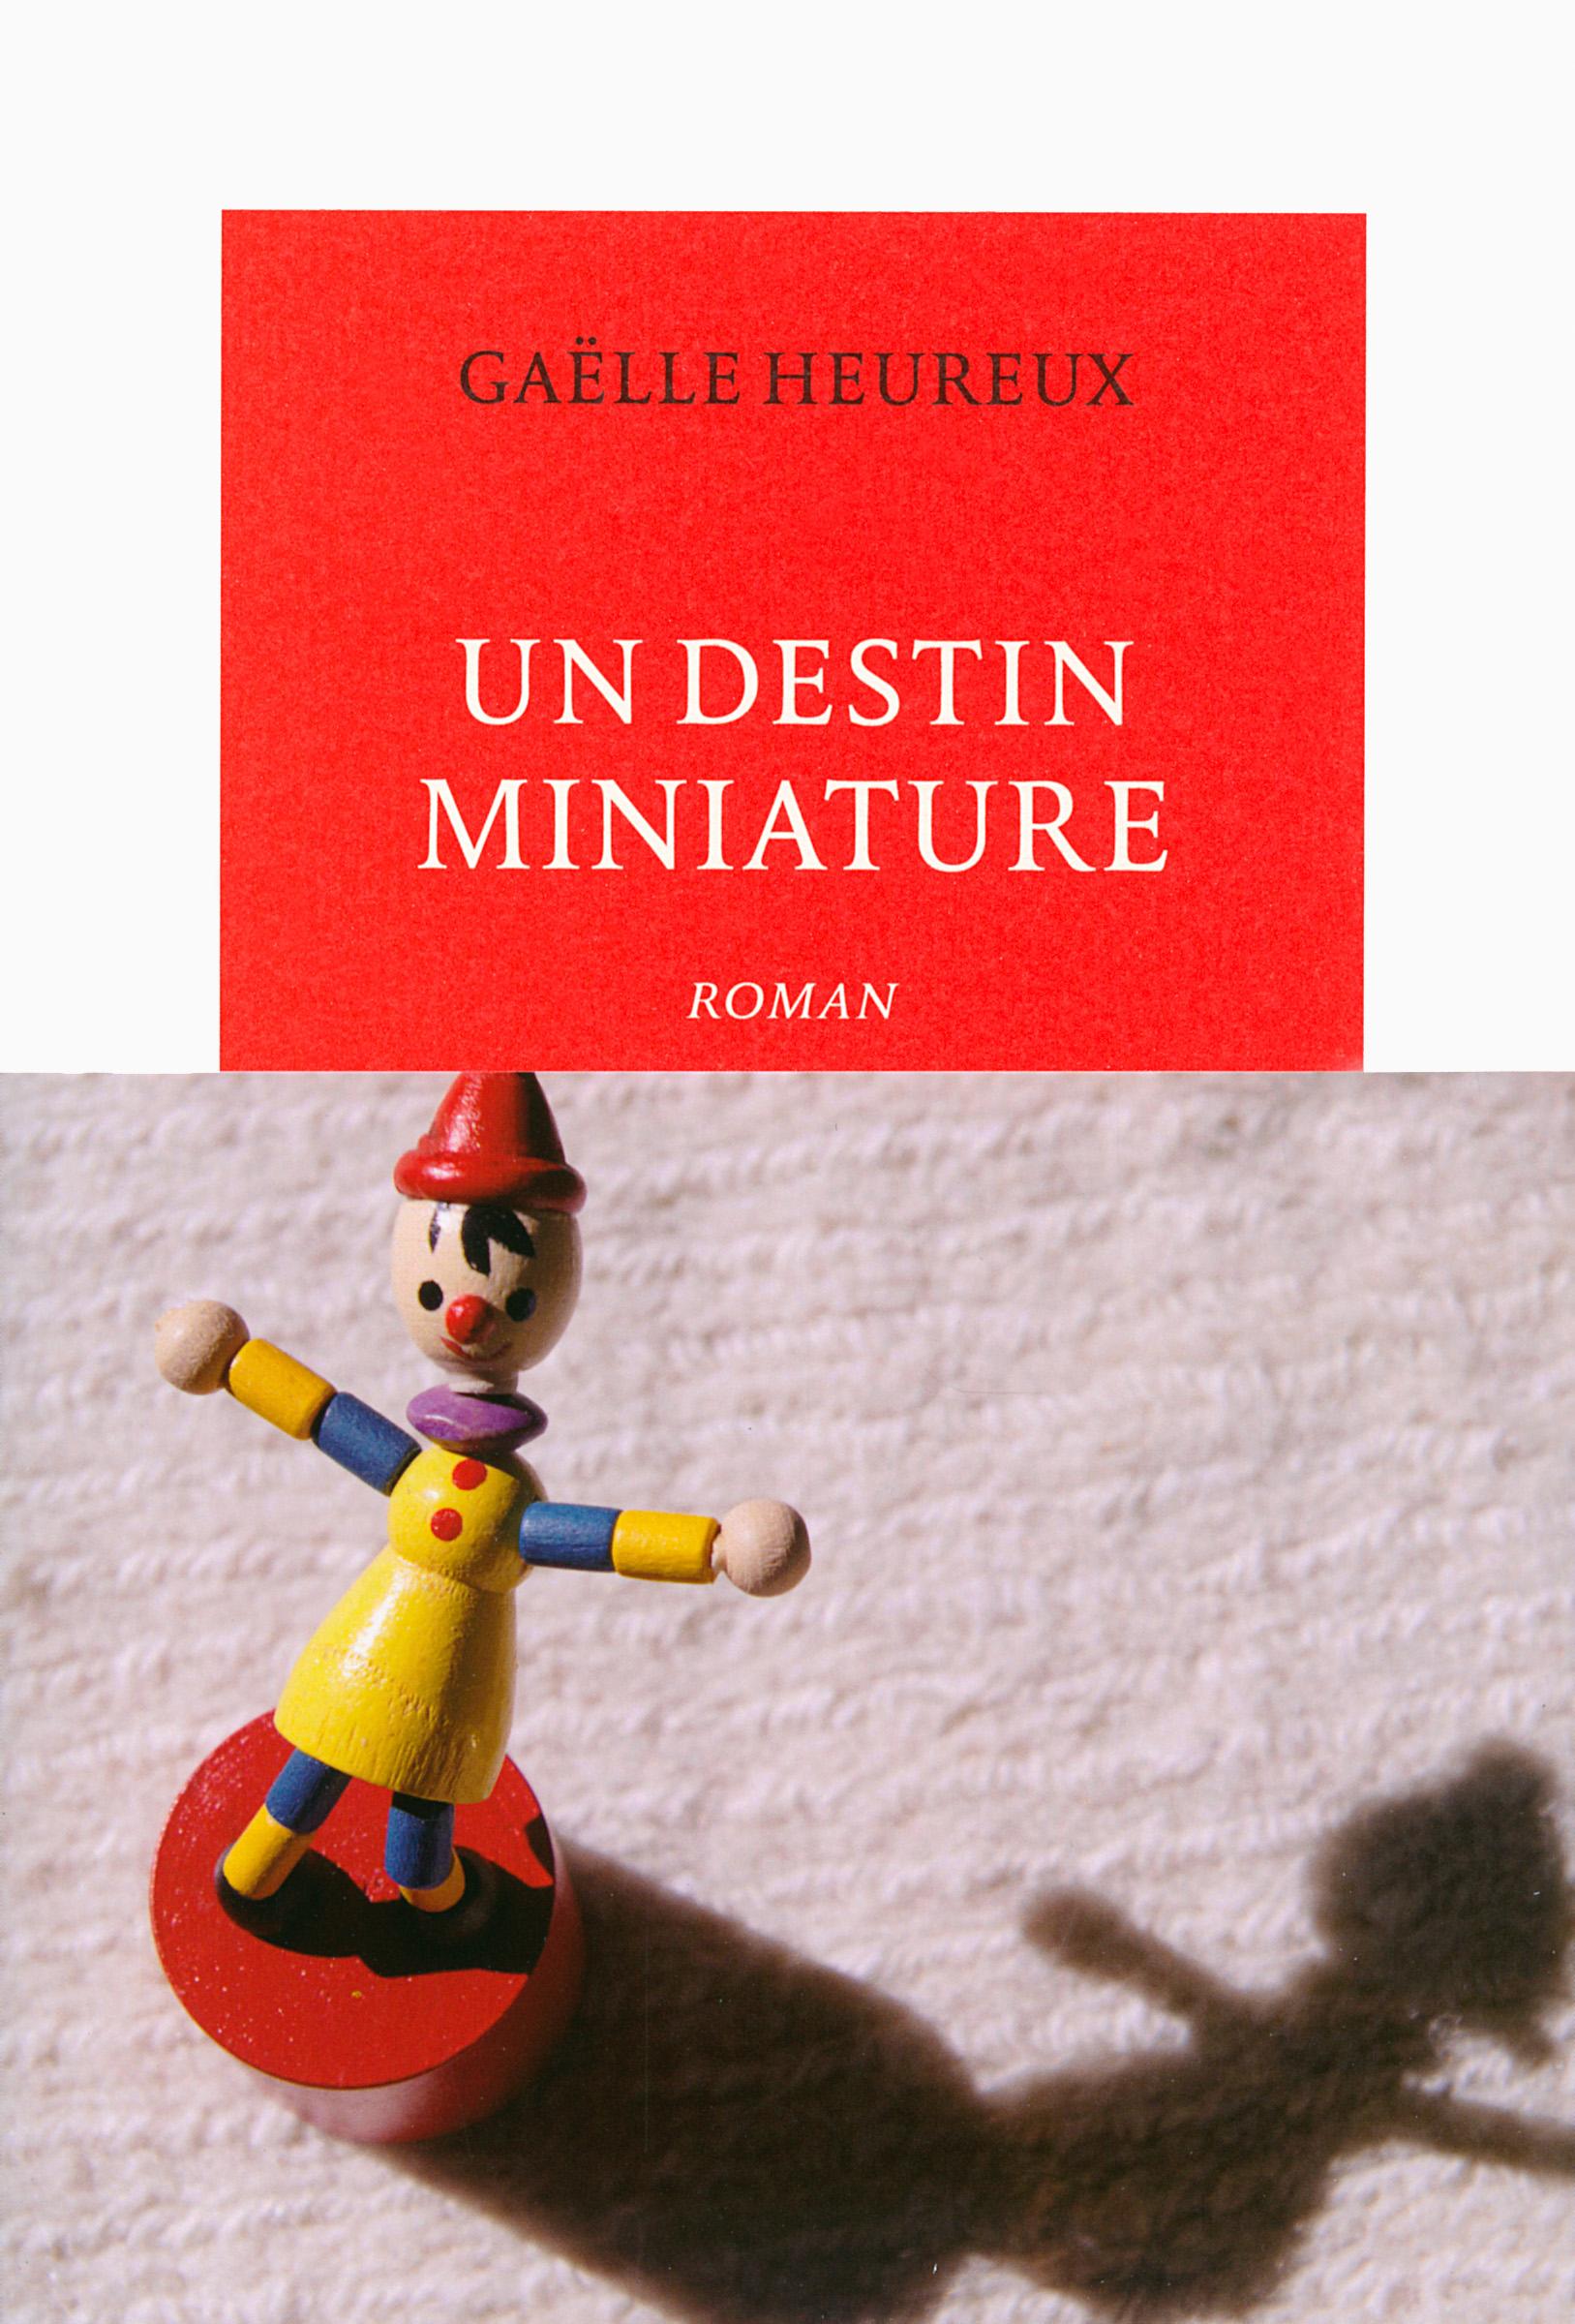 Un destin miniature